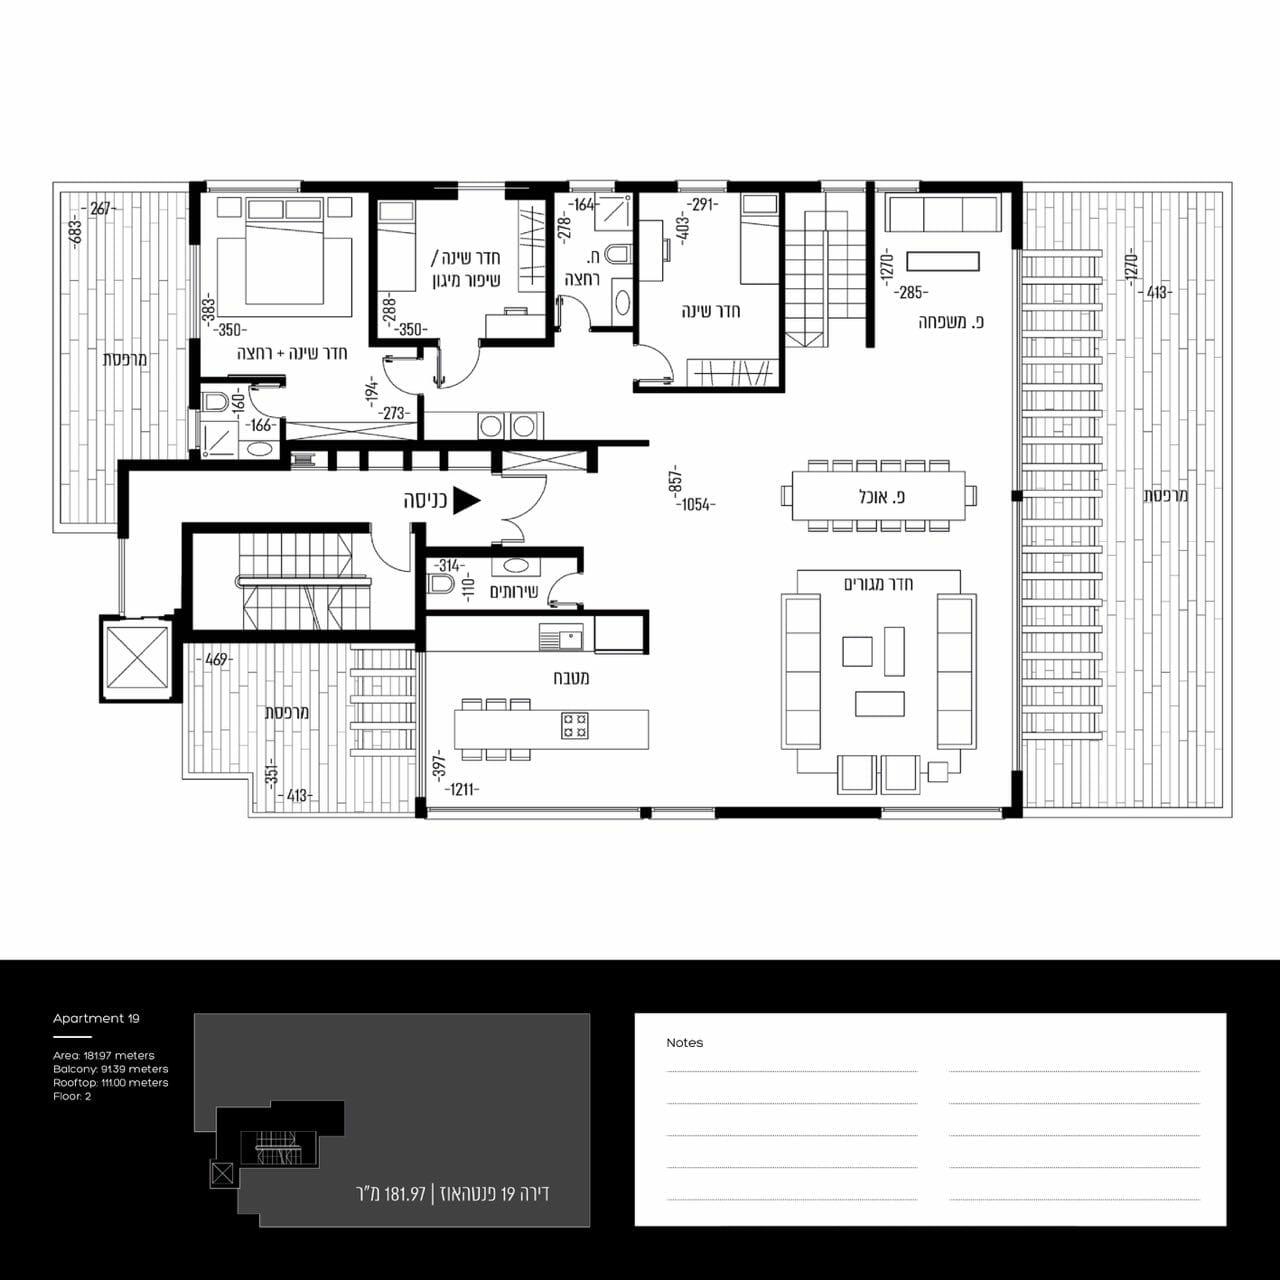 Penthouse  4,5 pièces de 182 m2 avec une terrasse 200 m2